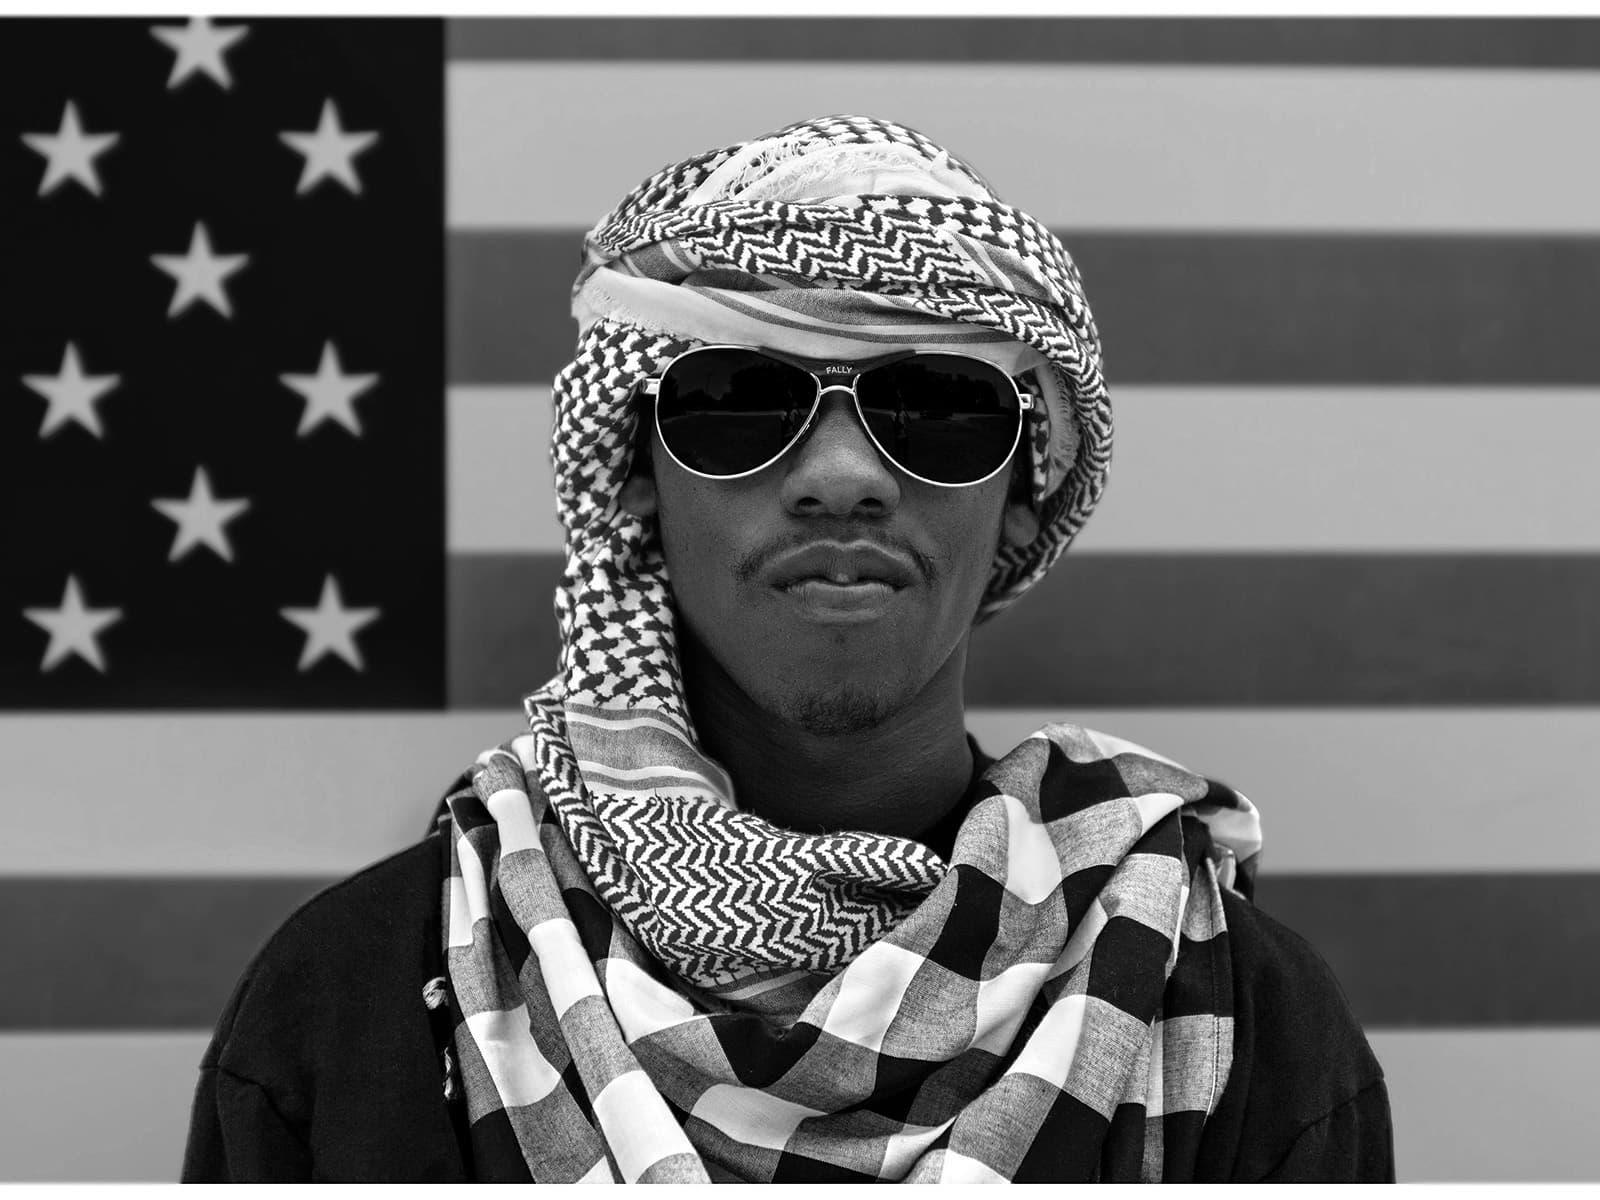 السعودي أفضل من يعيش الدهشة!